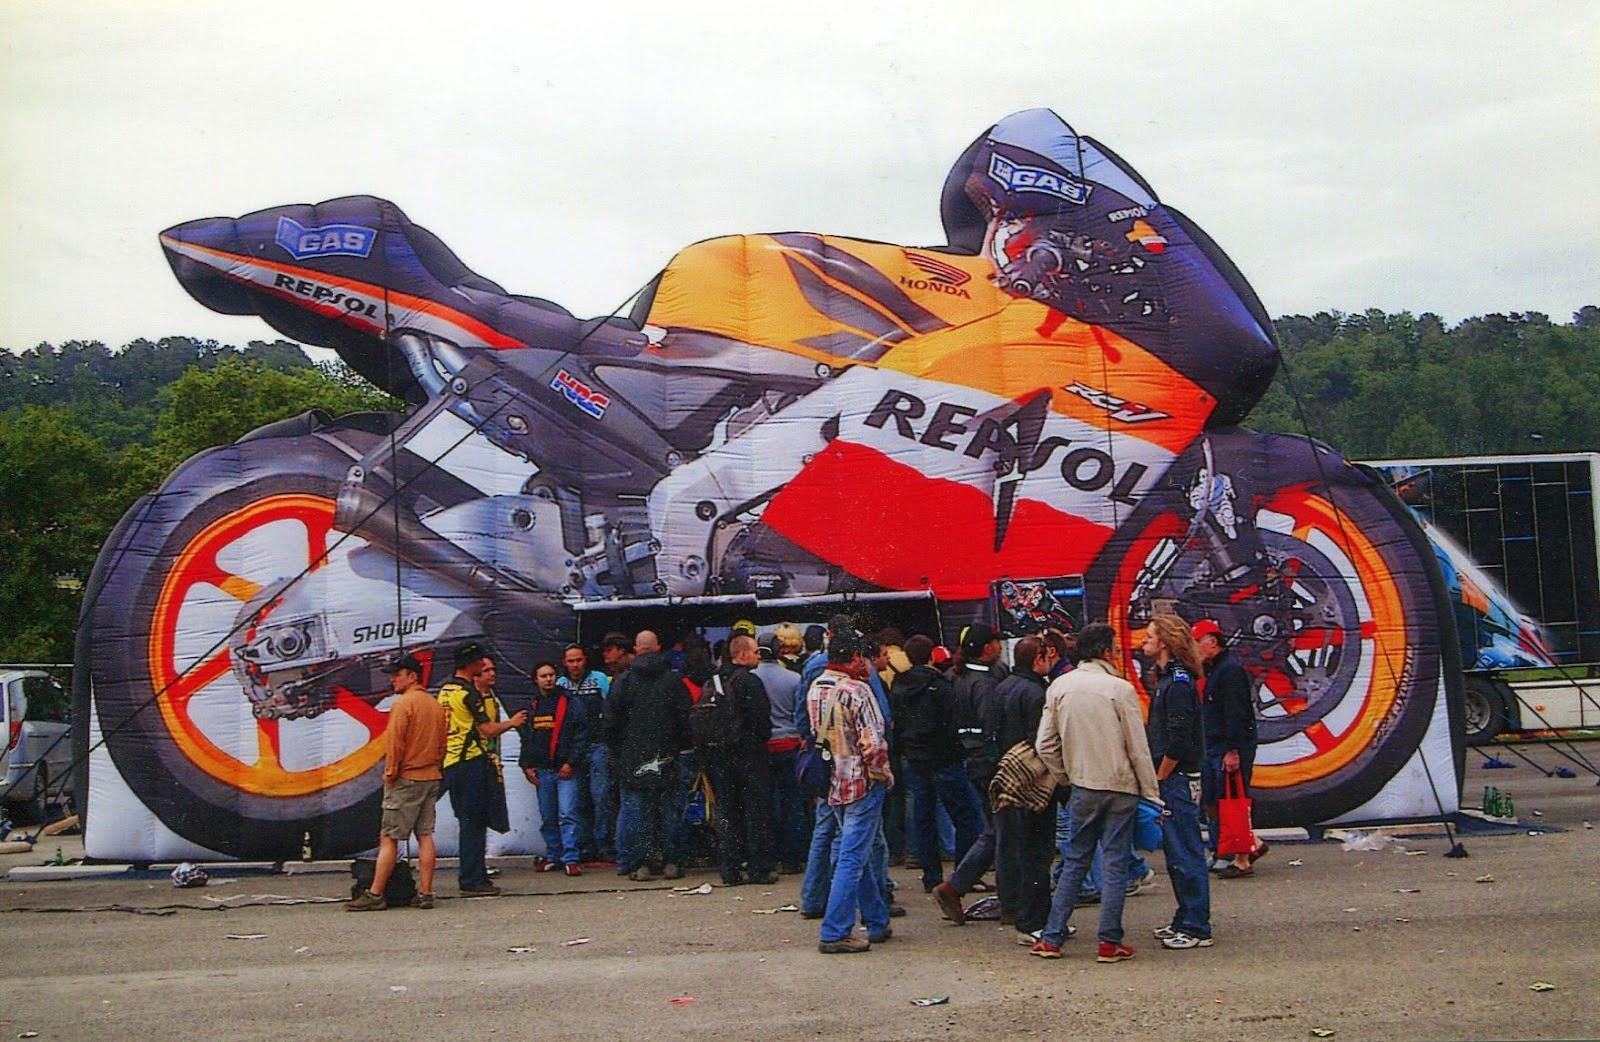 Tienda de Honda Repsol en el circuito de Mugello